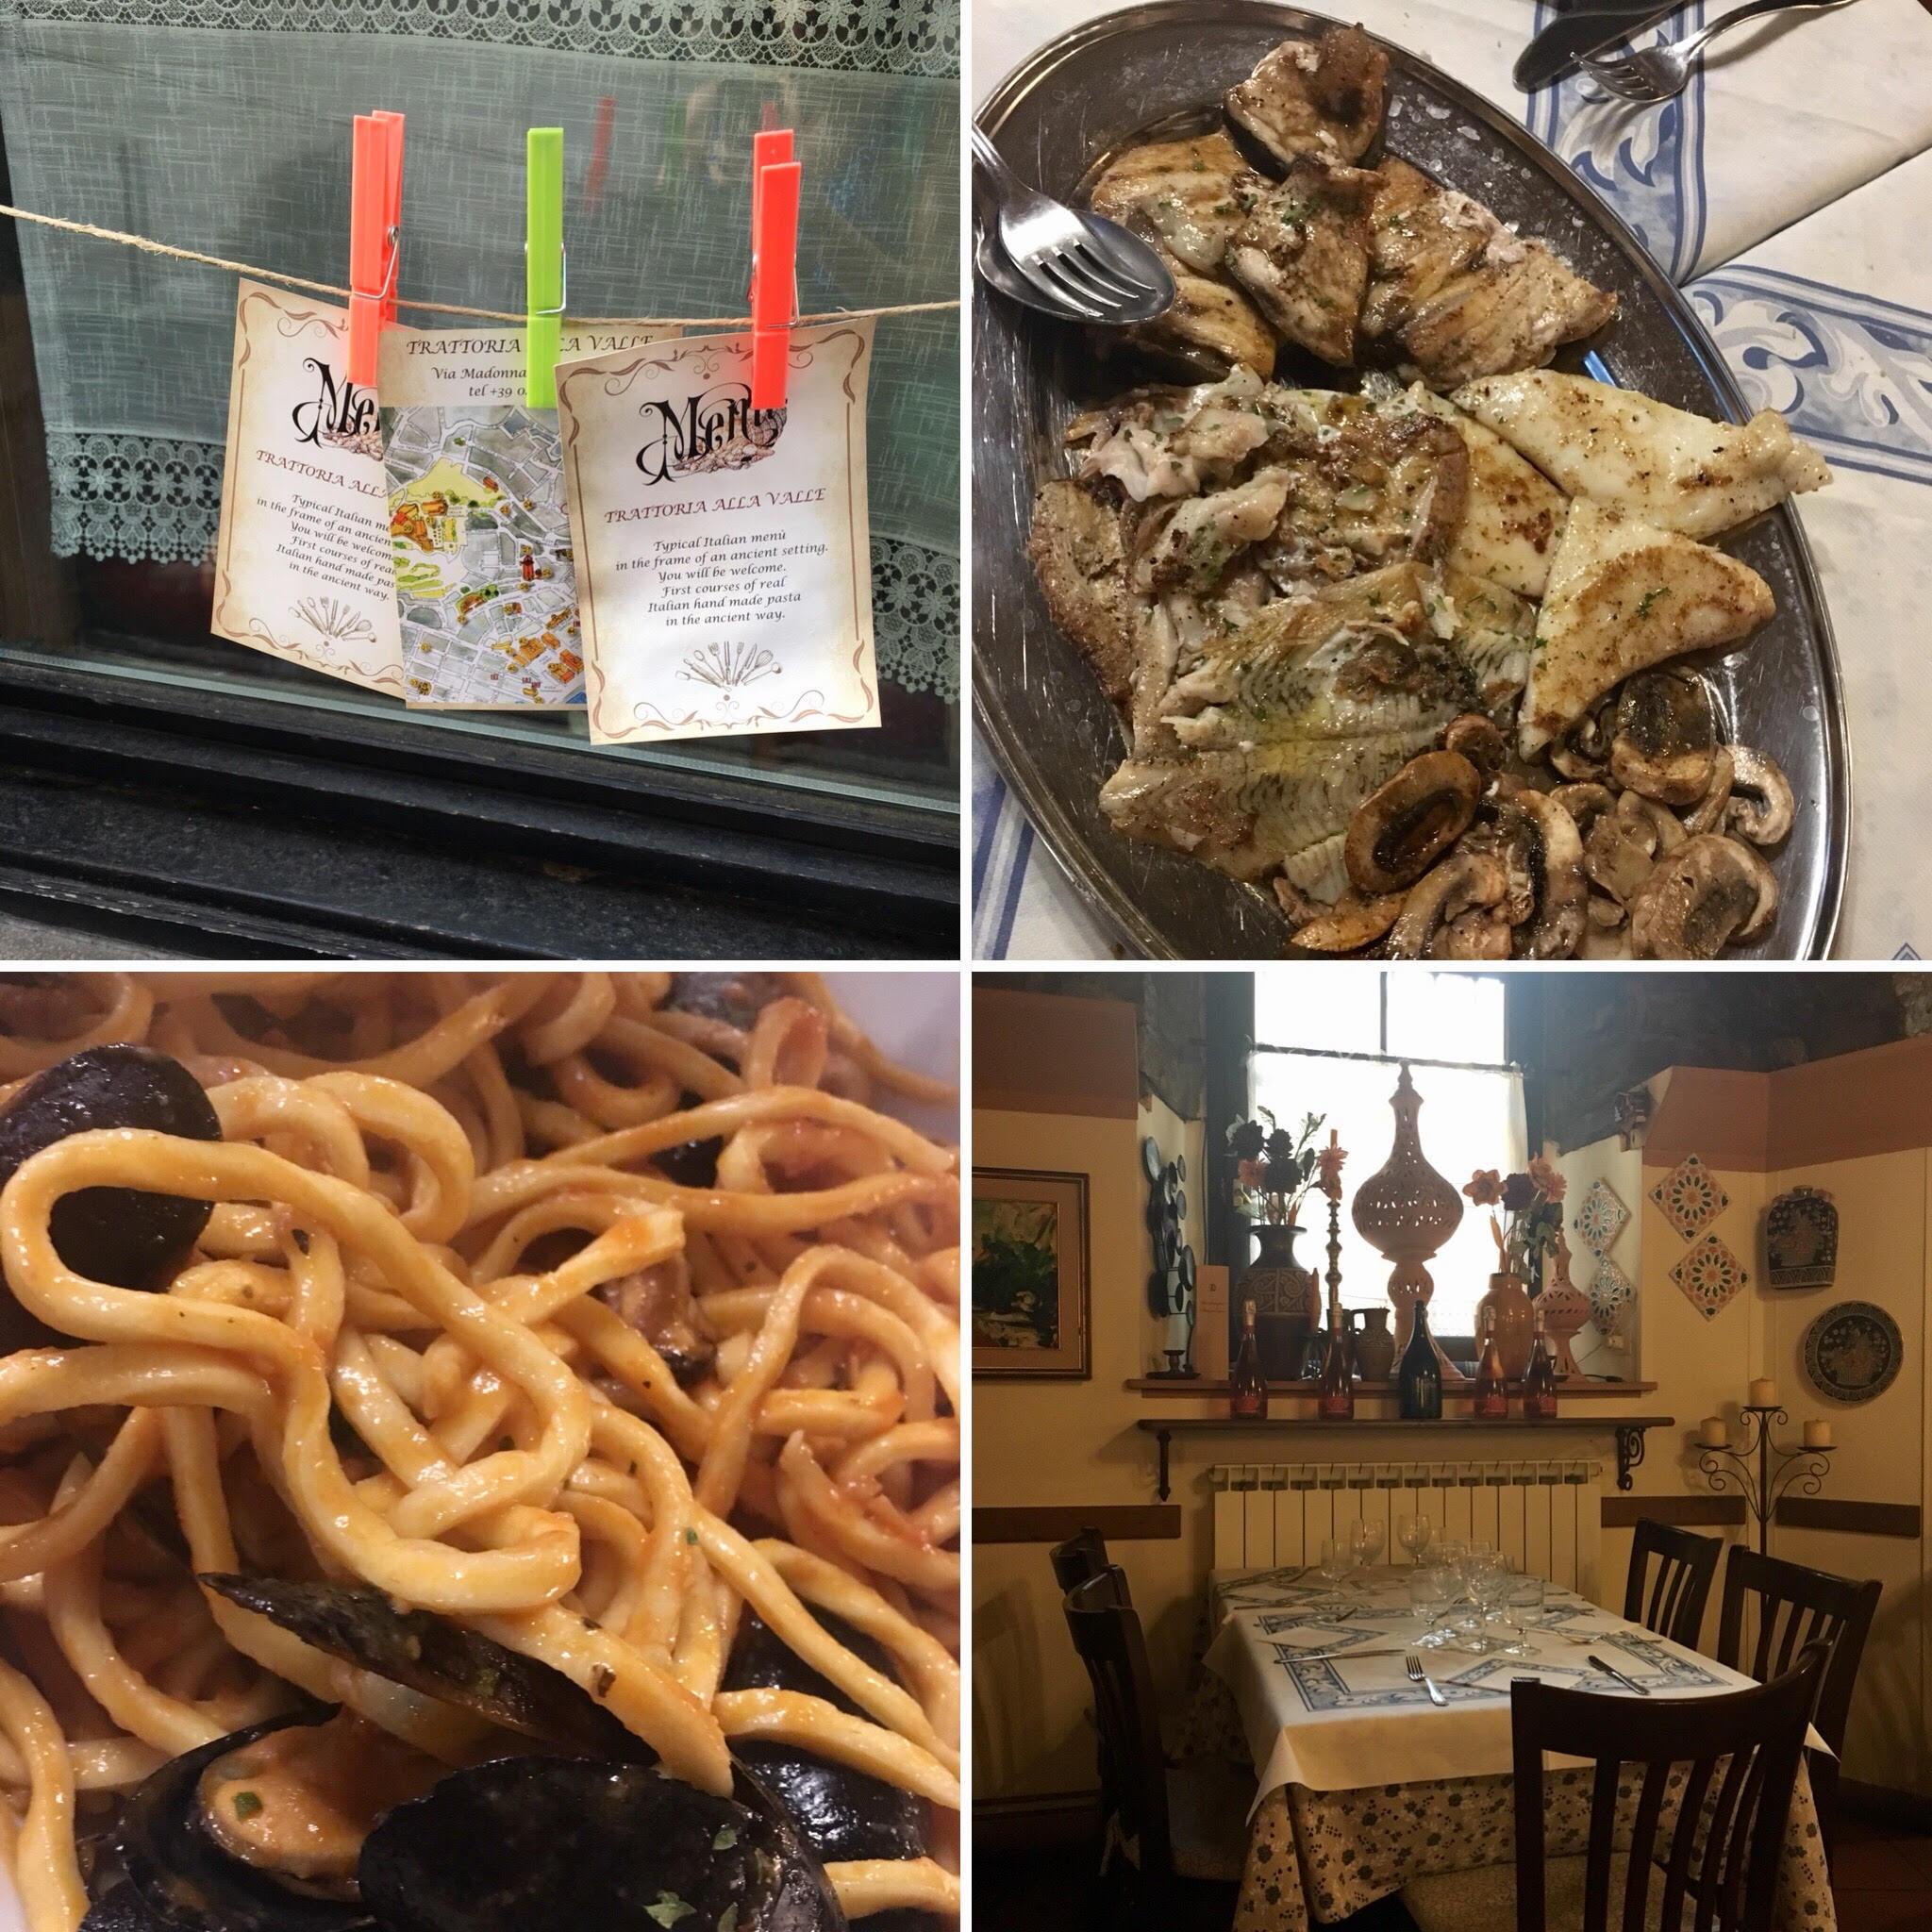 פסטה ודגים במסעדת Trattoria alla valle (צילום: הילי ברוק בלום)